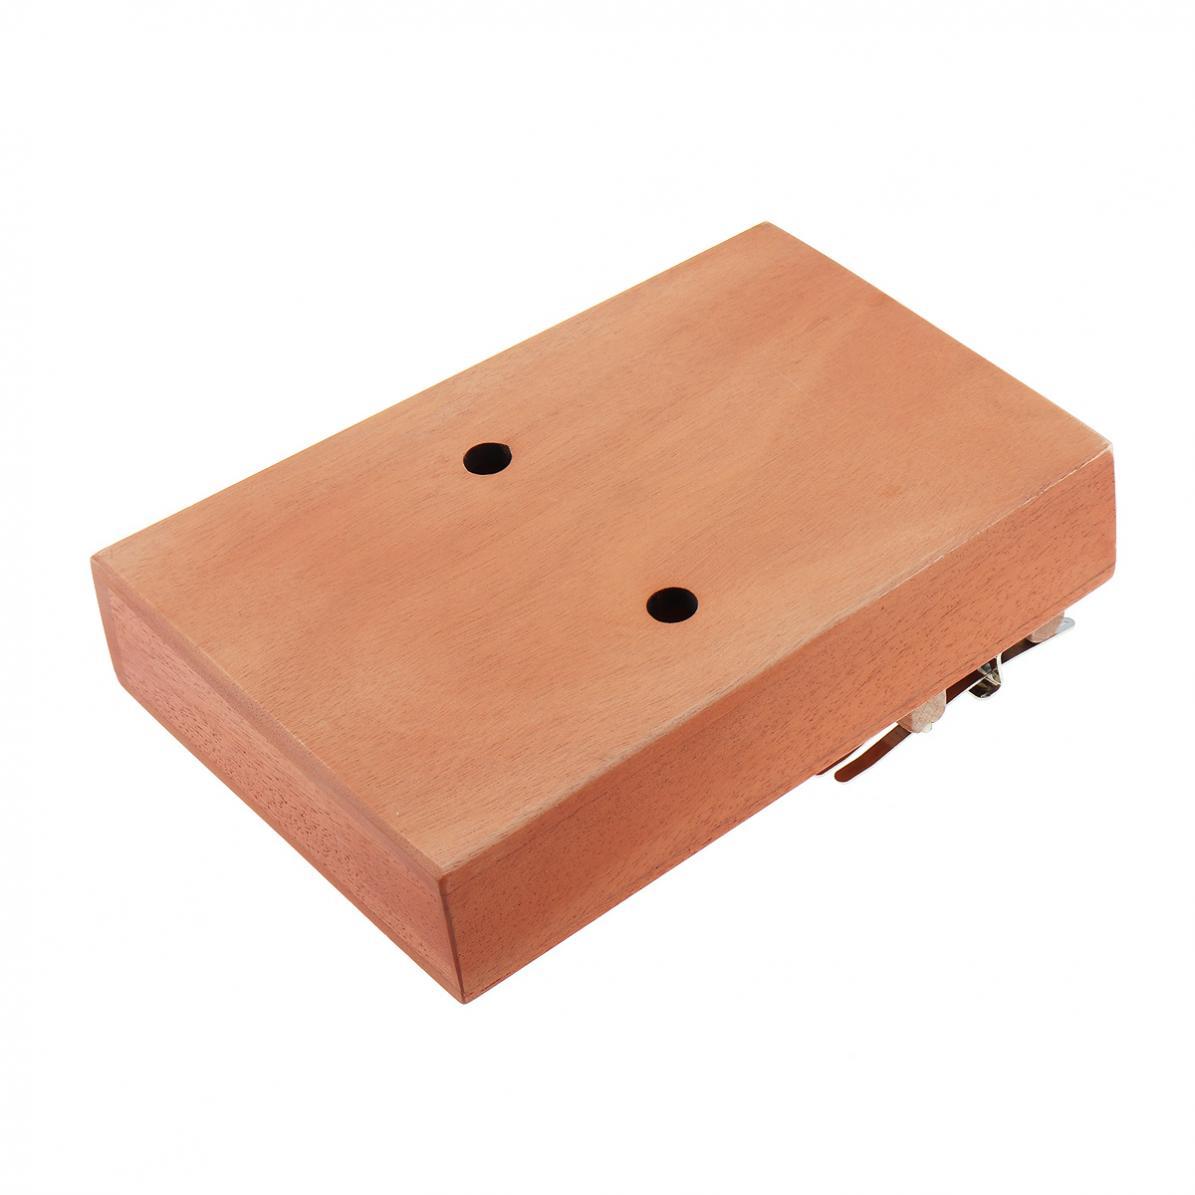 17 Key Kalimba Single Board Mahogany Lucky Grass Sound Hole Thumb Piano Mbira Mini Keyboard Instrument Thumb Piano Hot enlarge